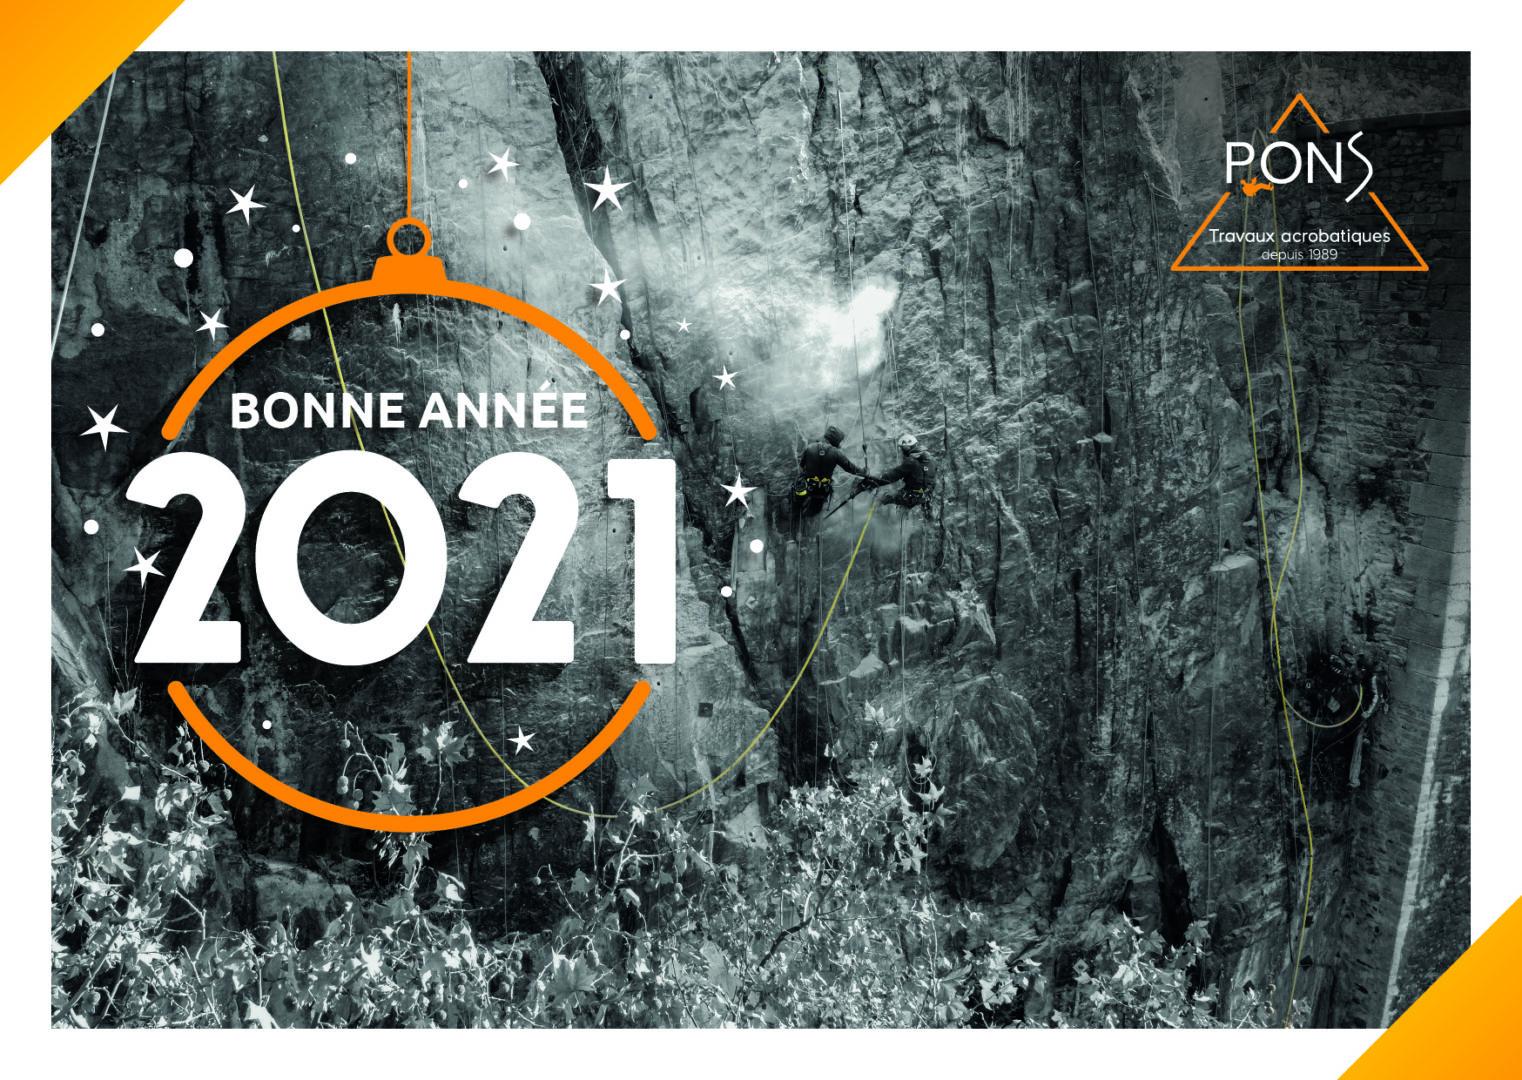 Carte de voeux 2021 Pons travaux acrobatiques cordiste